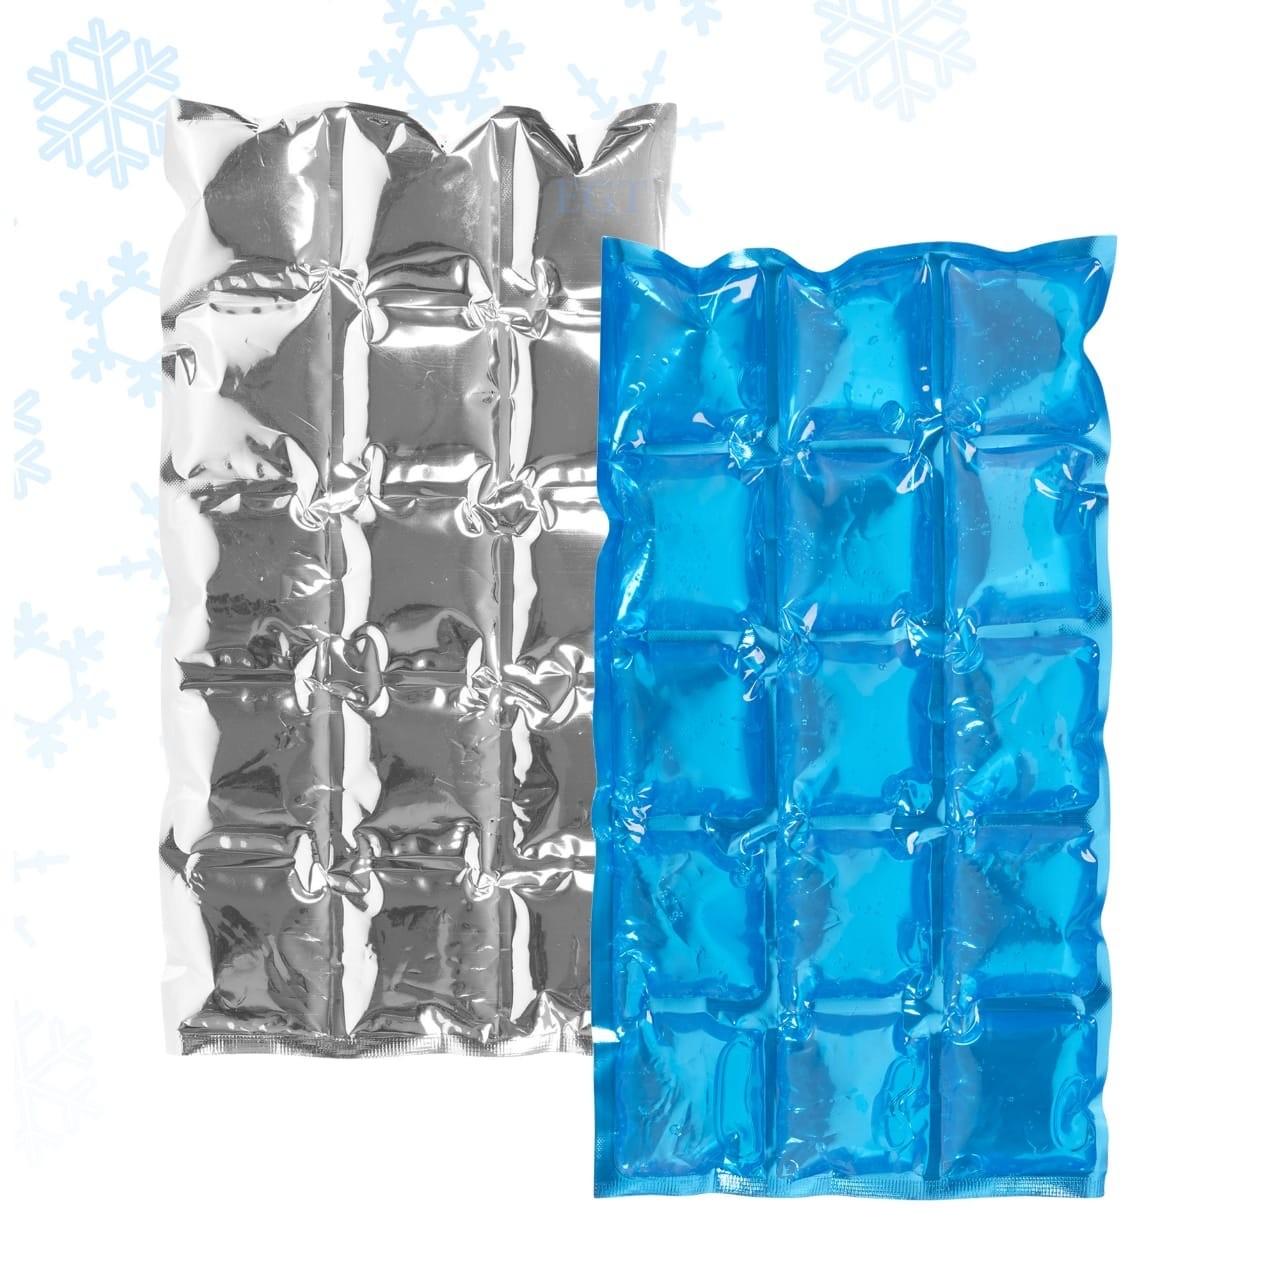 Bolsa para enfriar latas y botellas